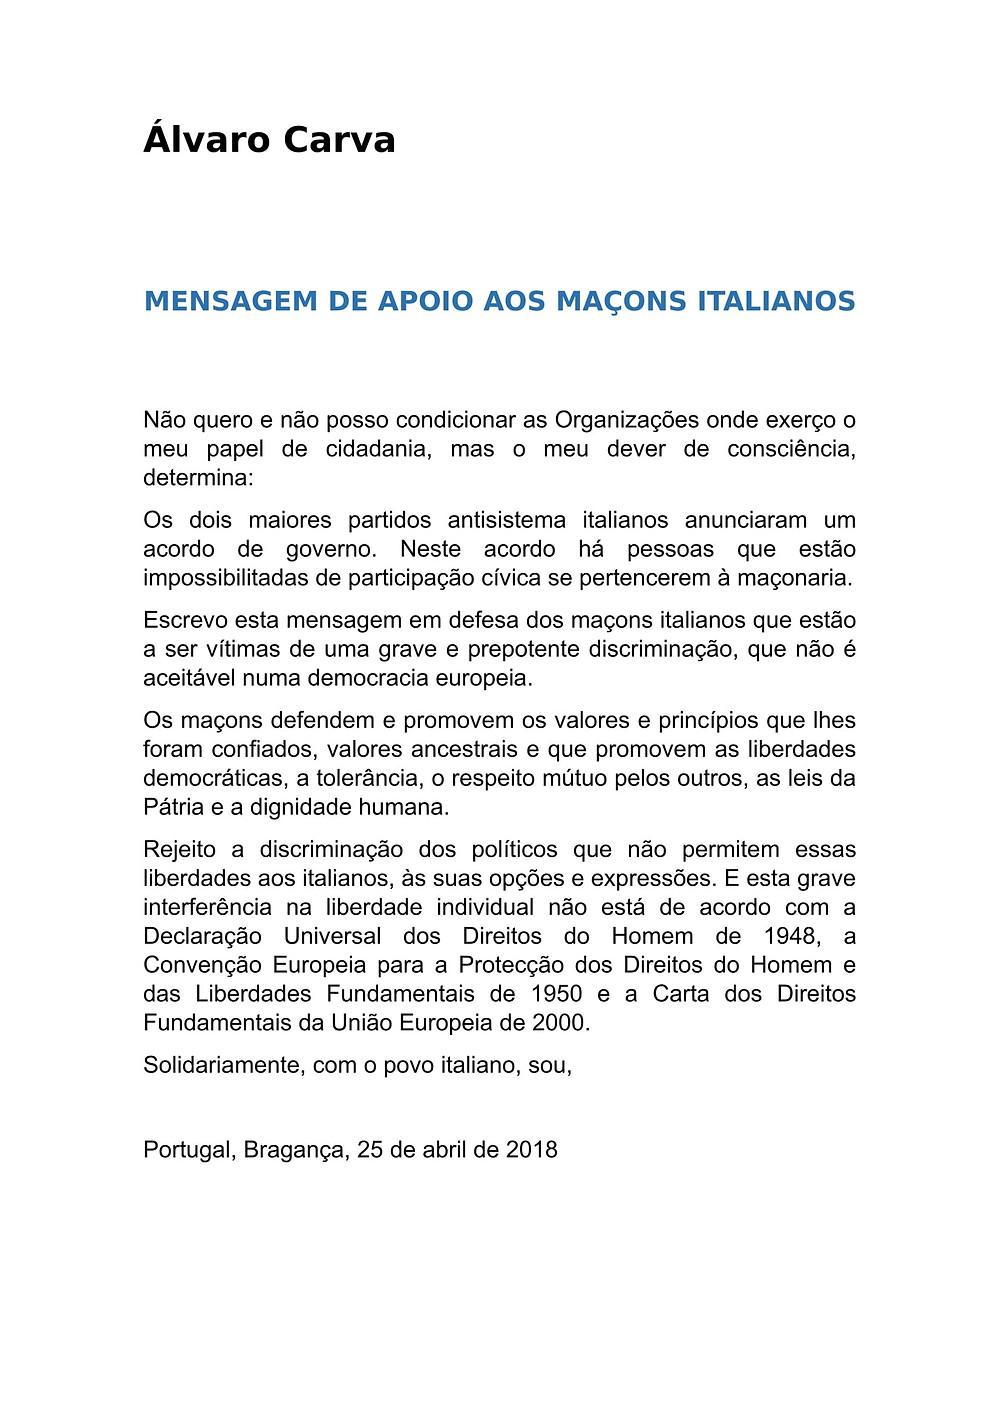 Álvaro Carva dá apoio aos maçons italianos